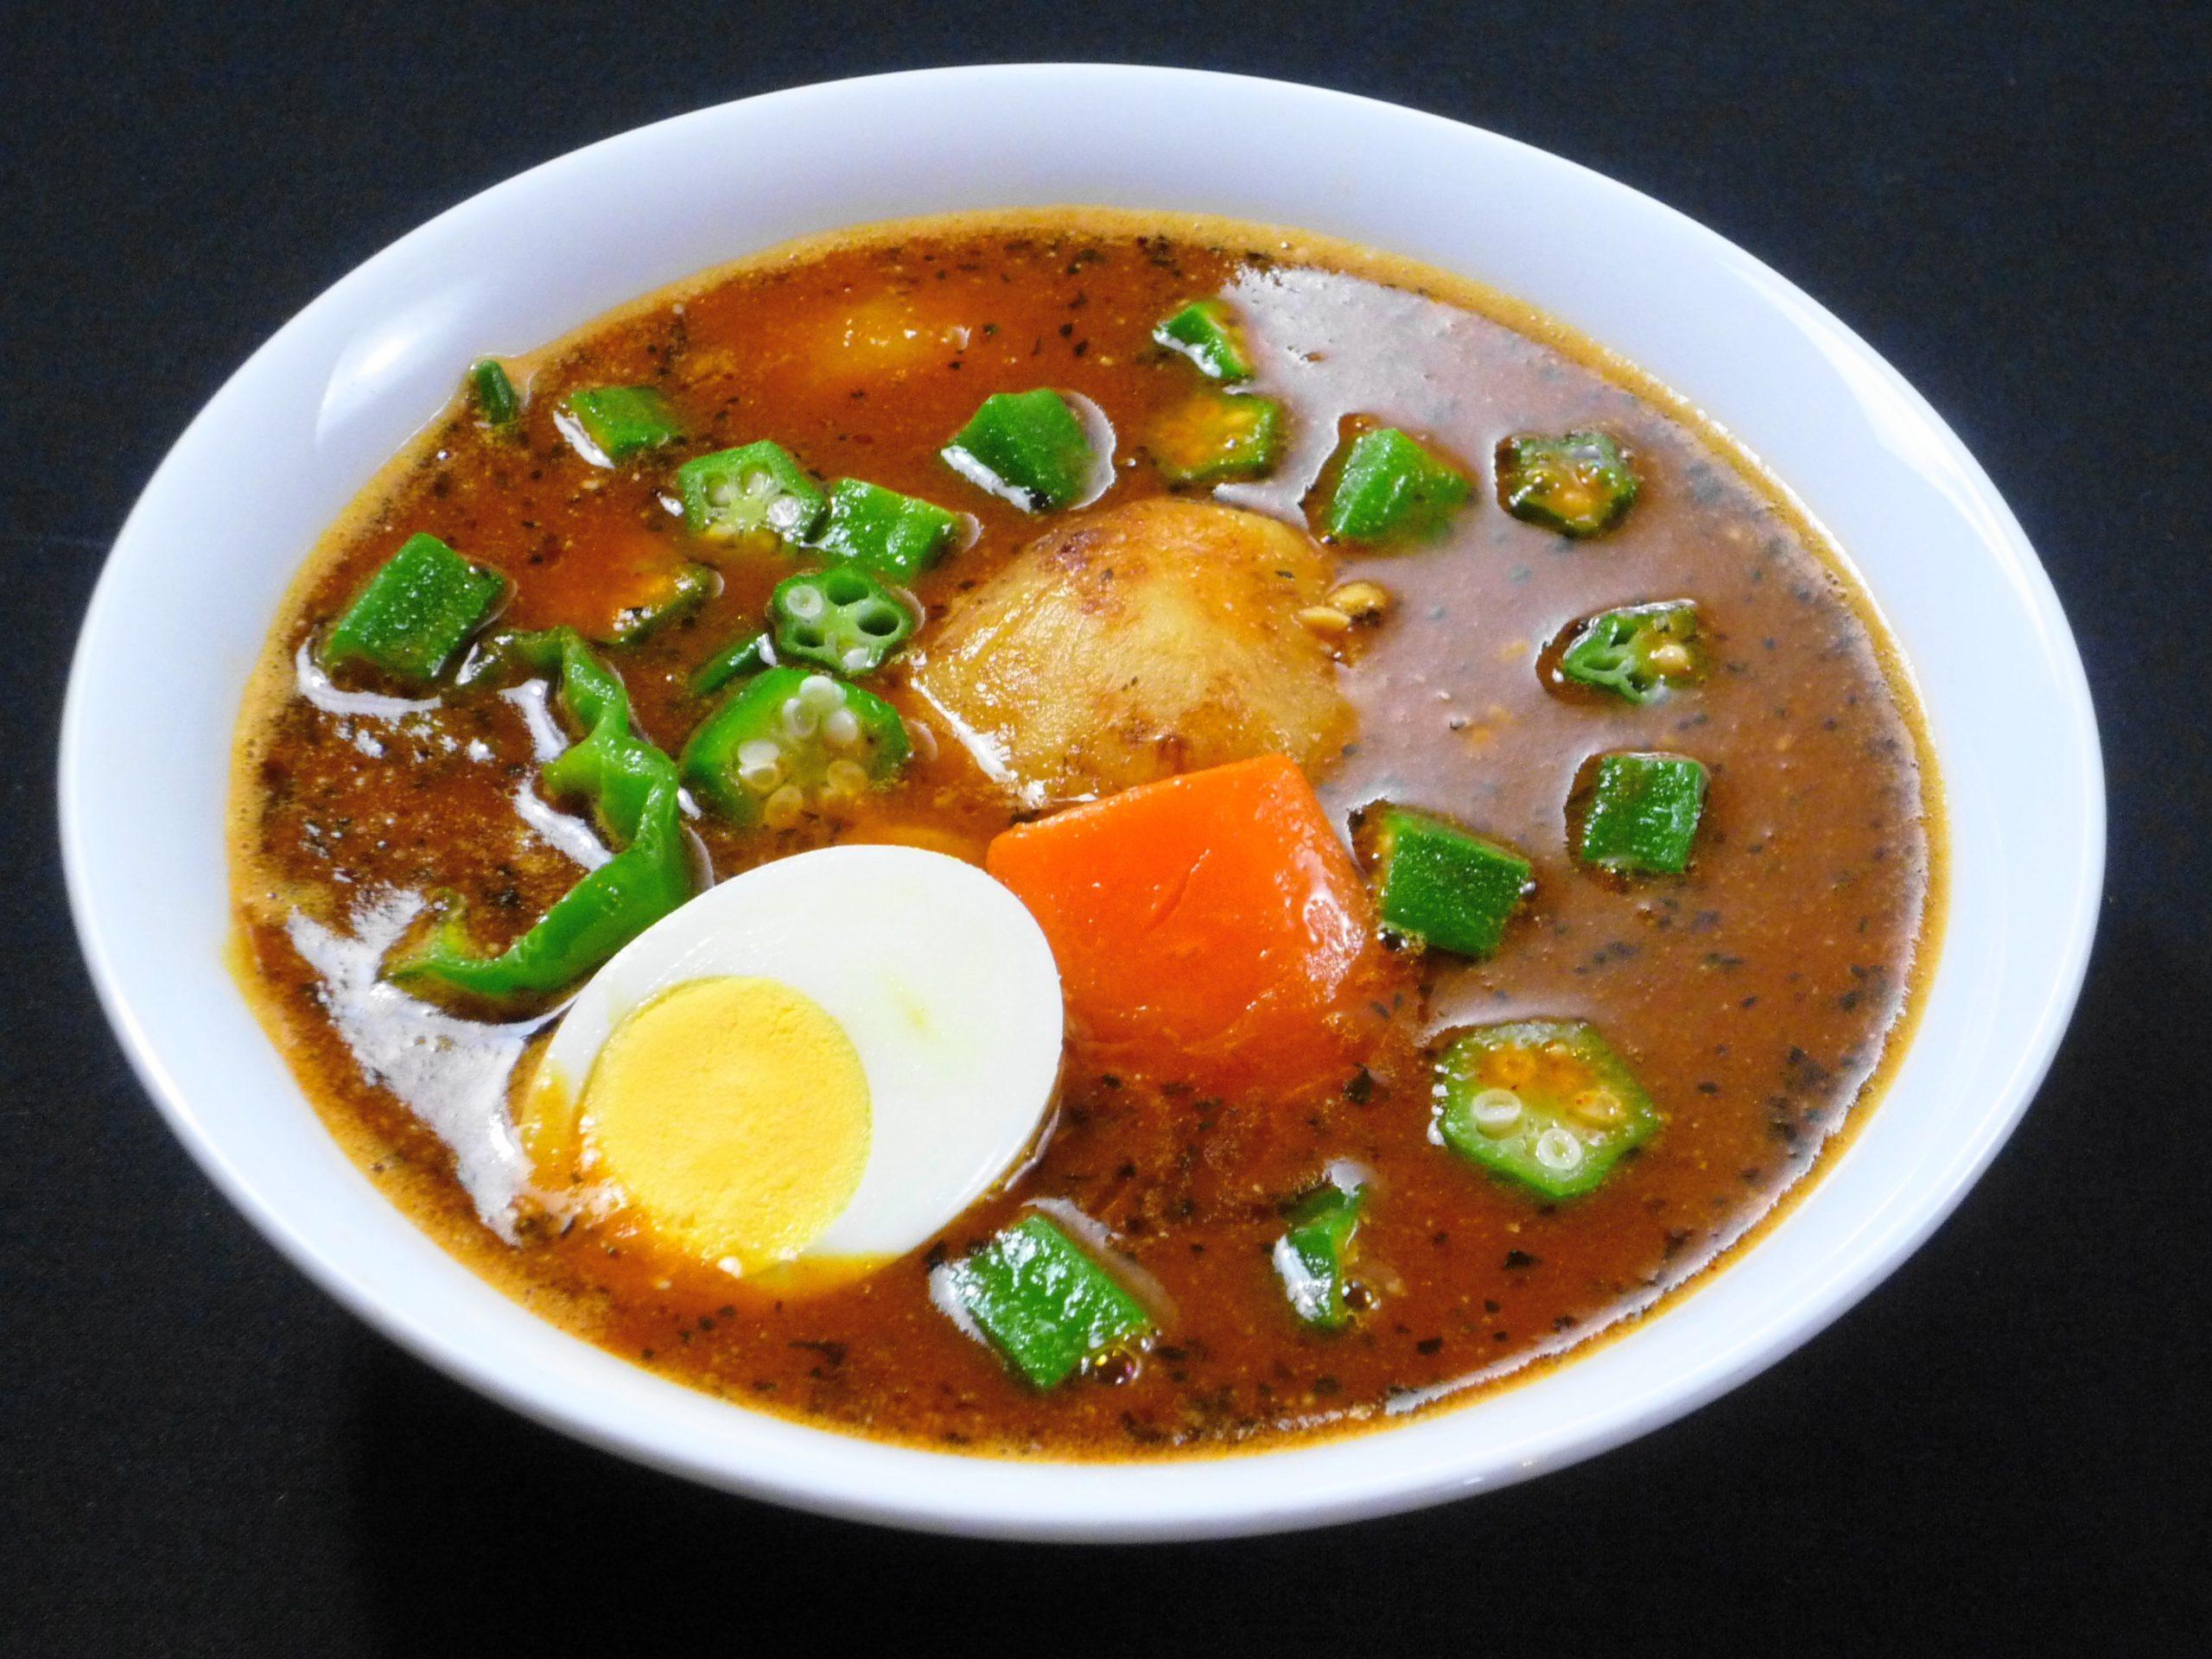 納豆オクラのスープカレー